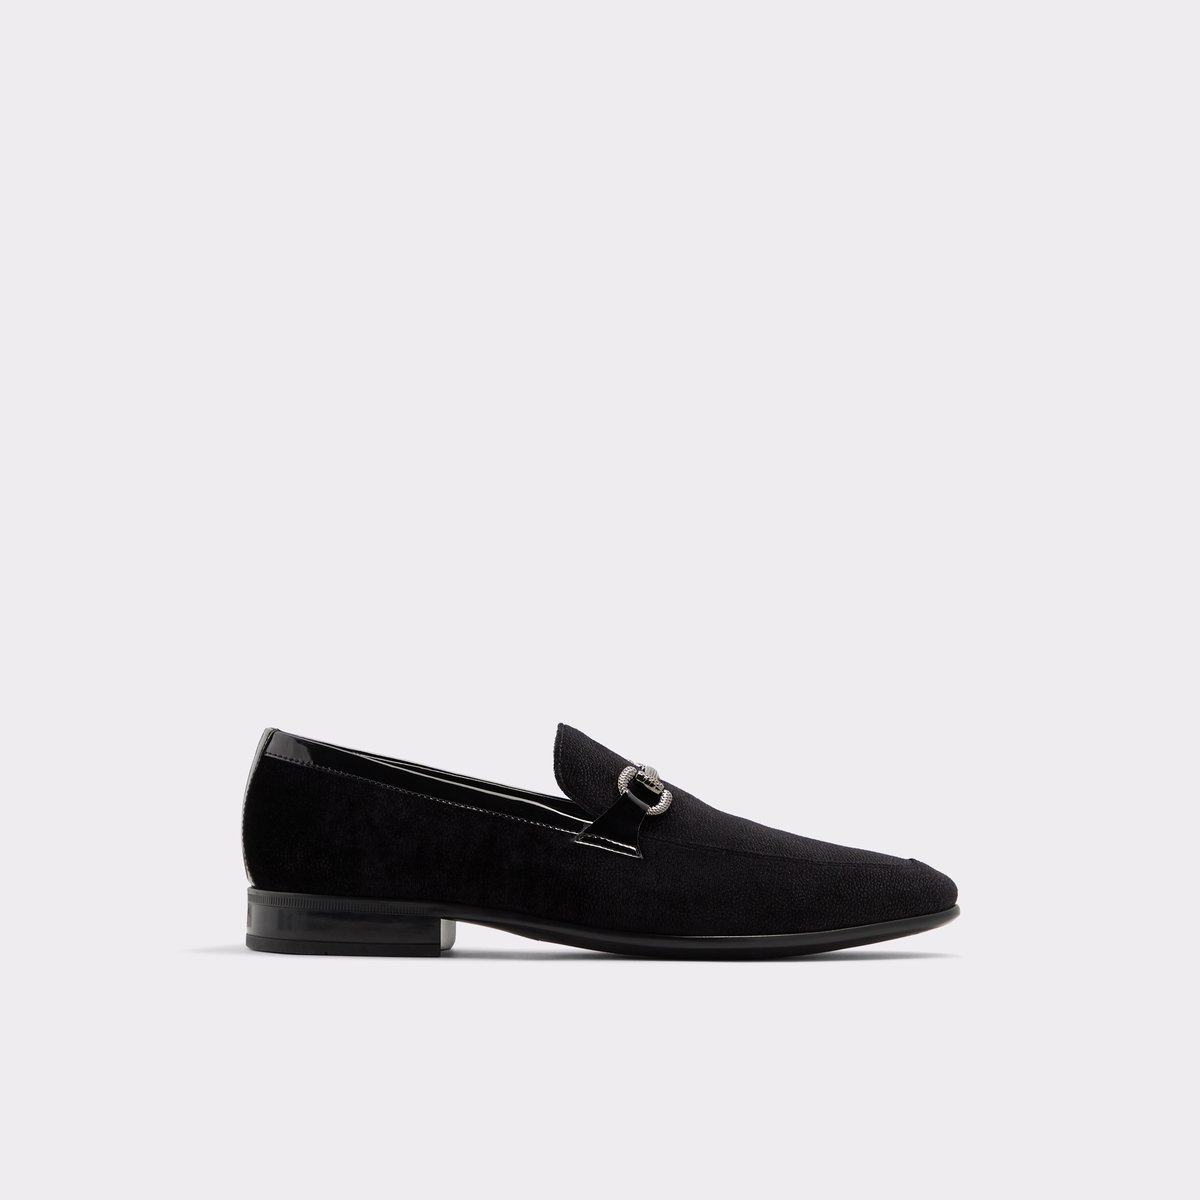 Black Leather Velvet Men's Loafers